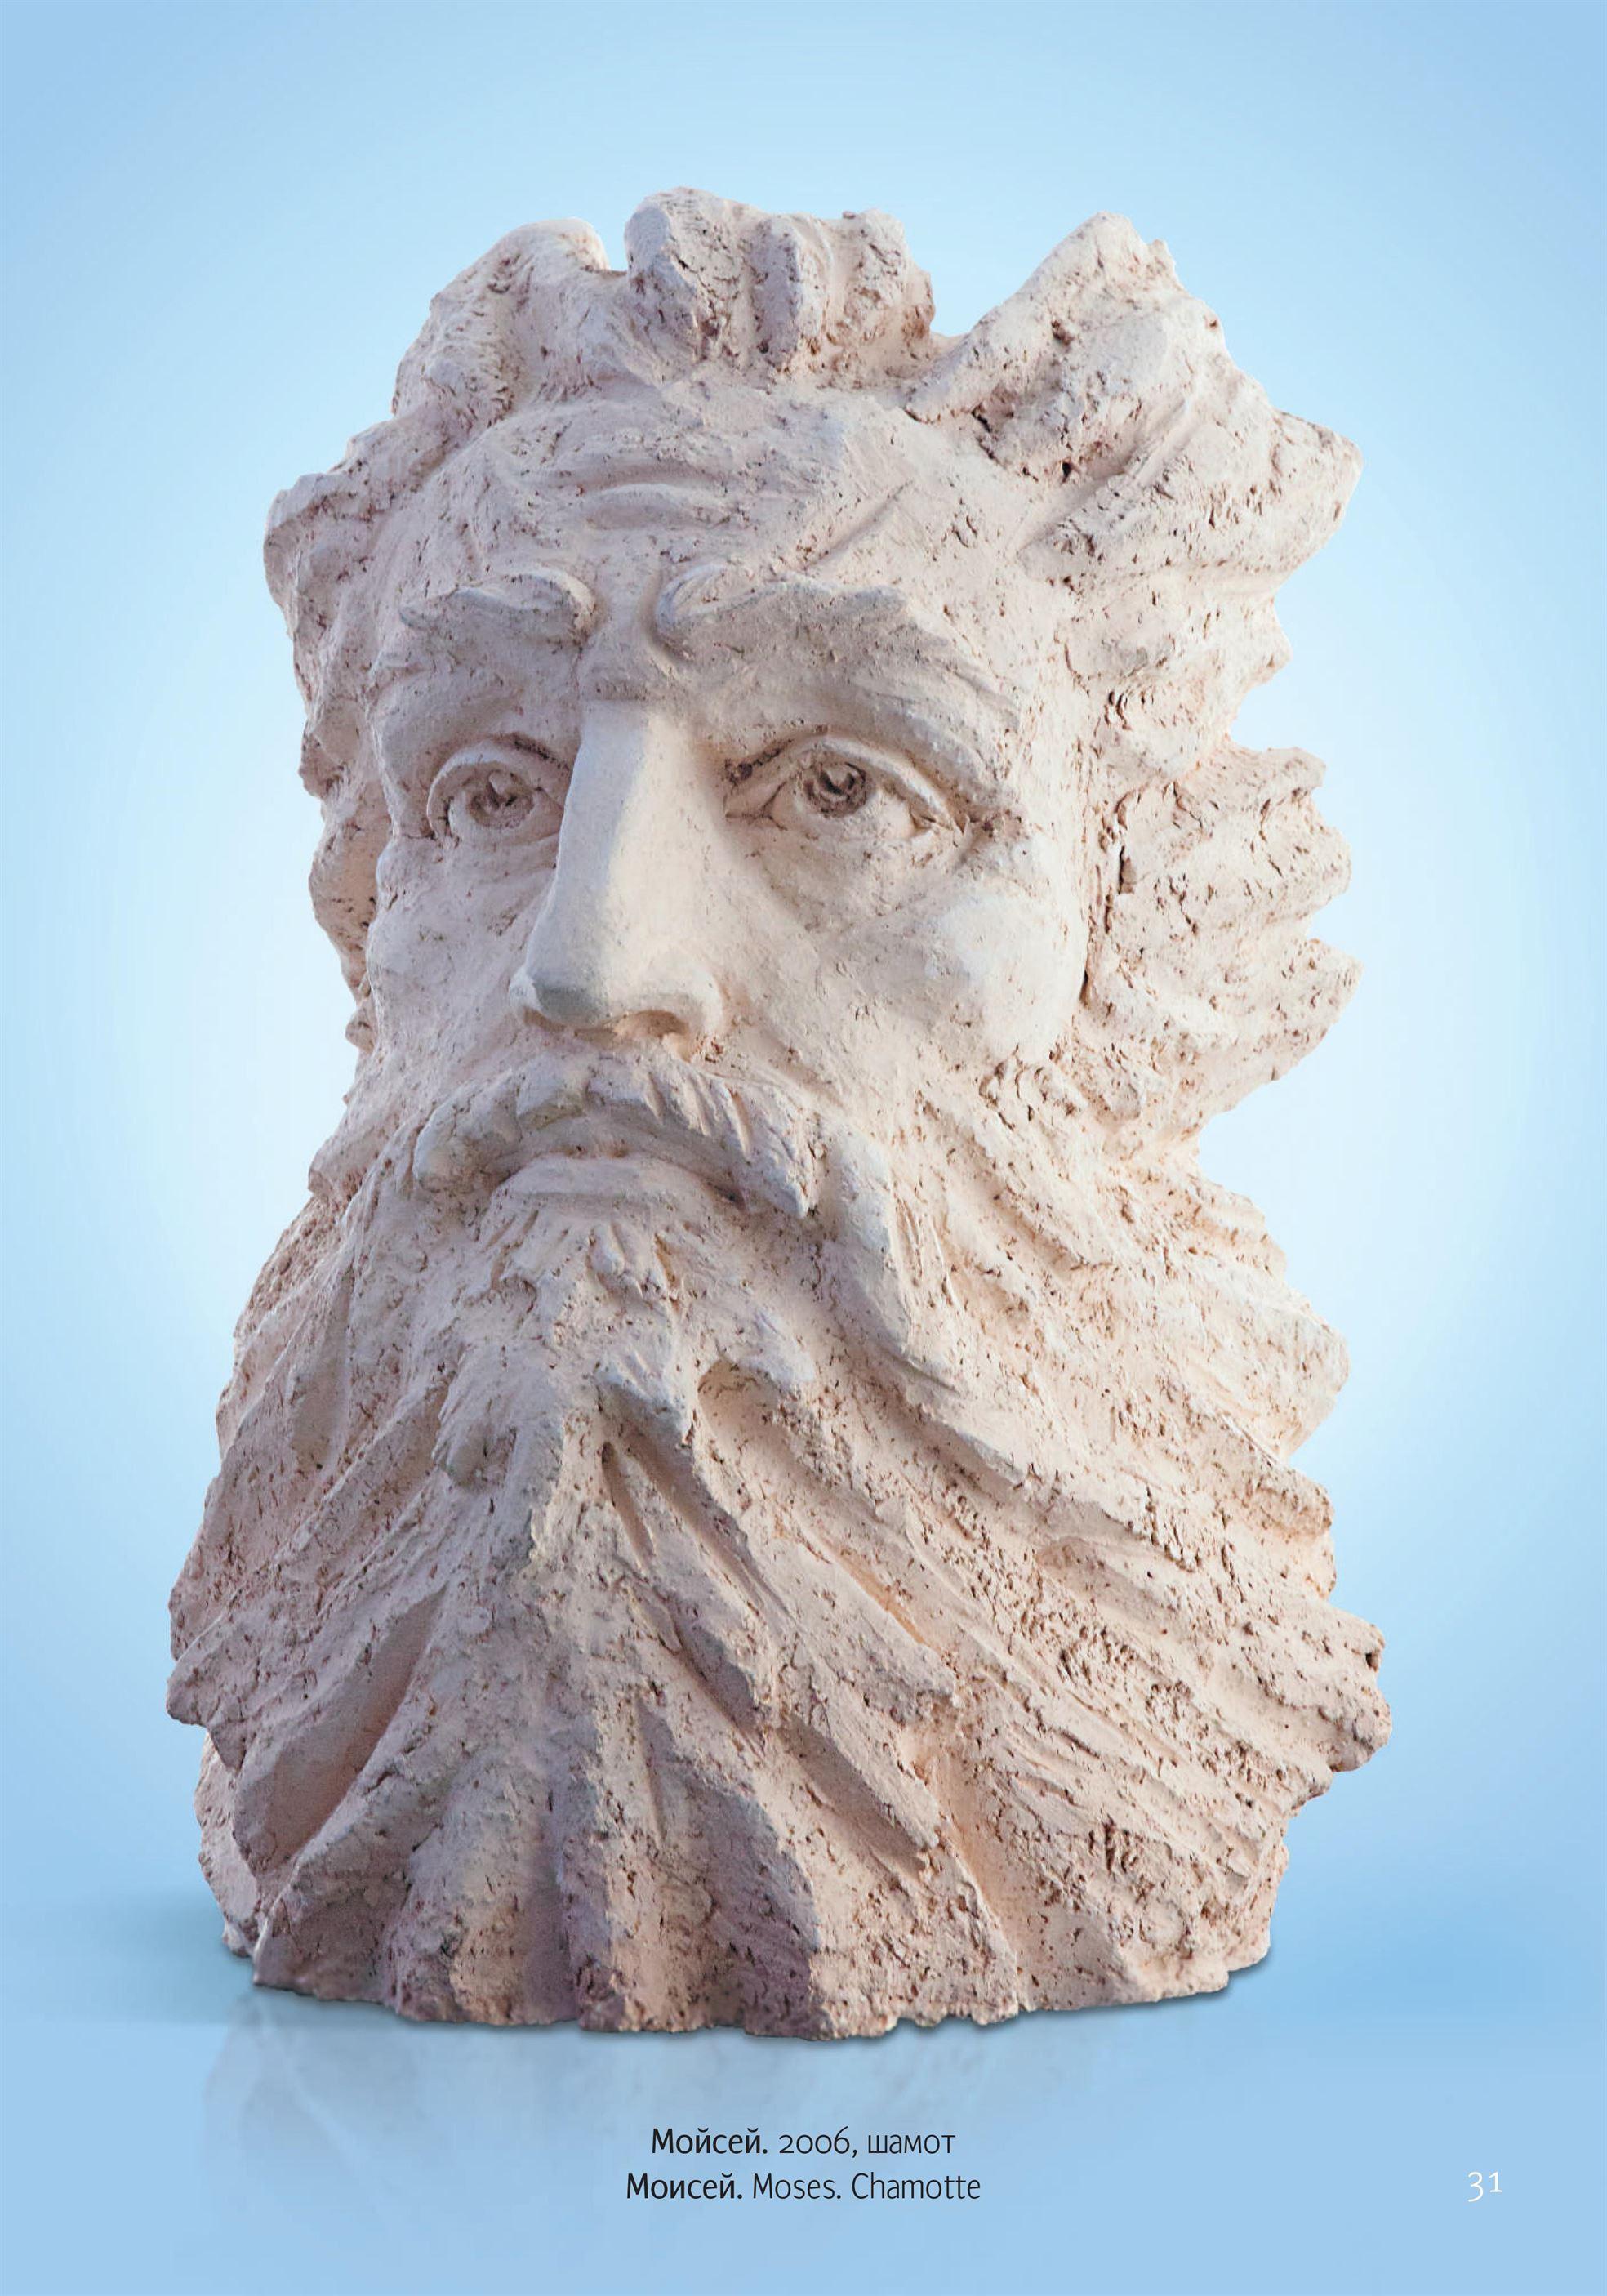 фамилия автора знаменитой скульптуры